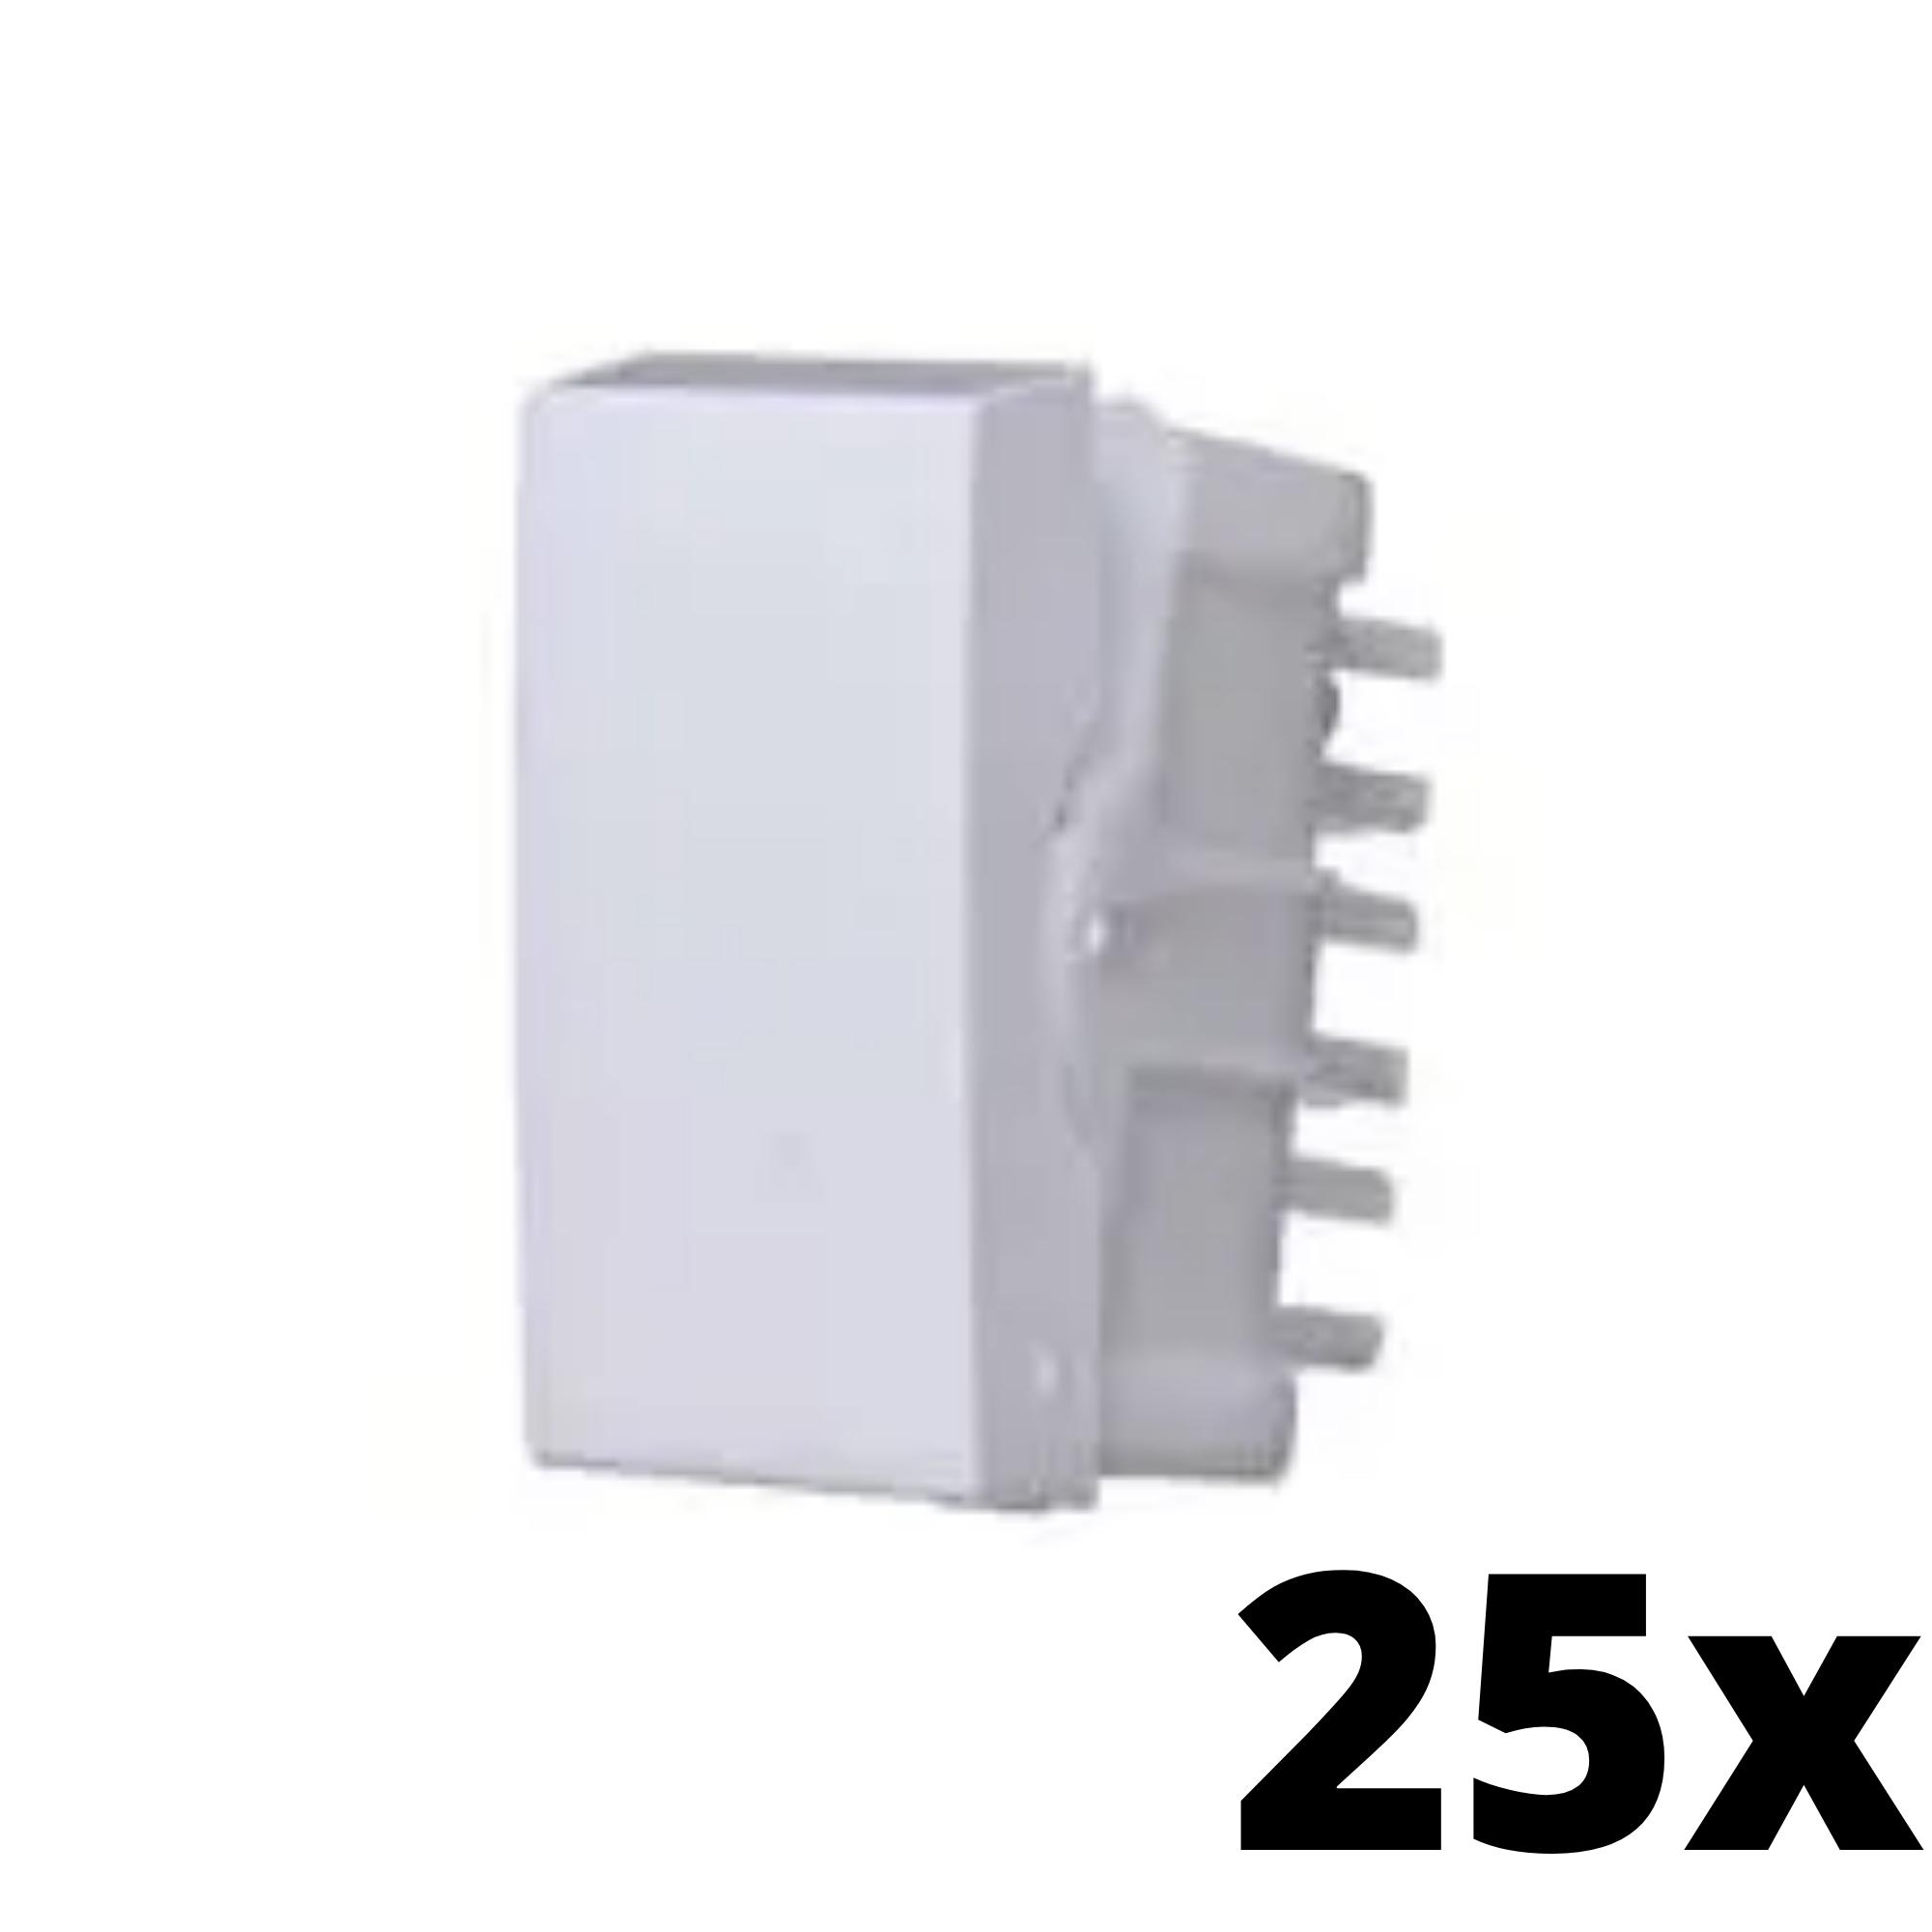 Kit 25 und Siena Módulo Interruptor Simples